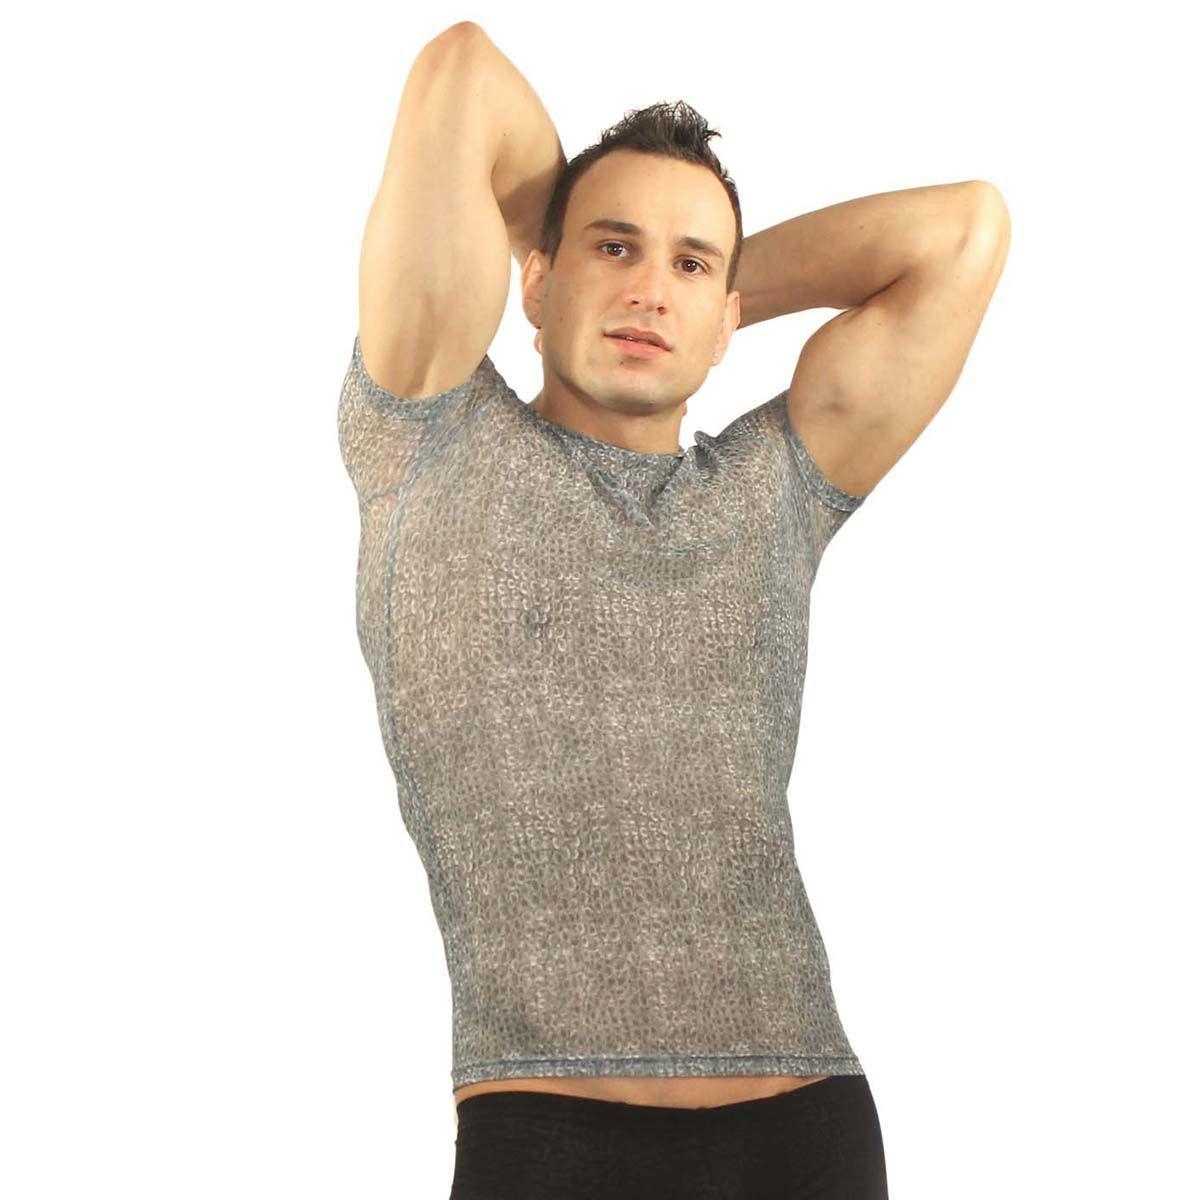 Мужское белье: Серая мужская футболка в облипку